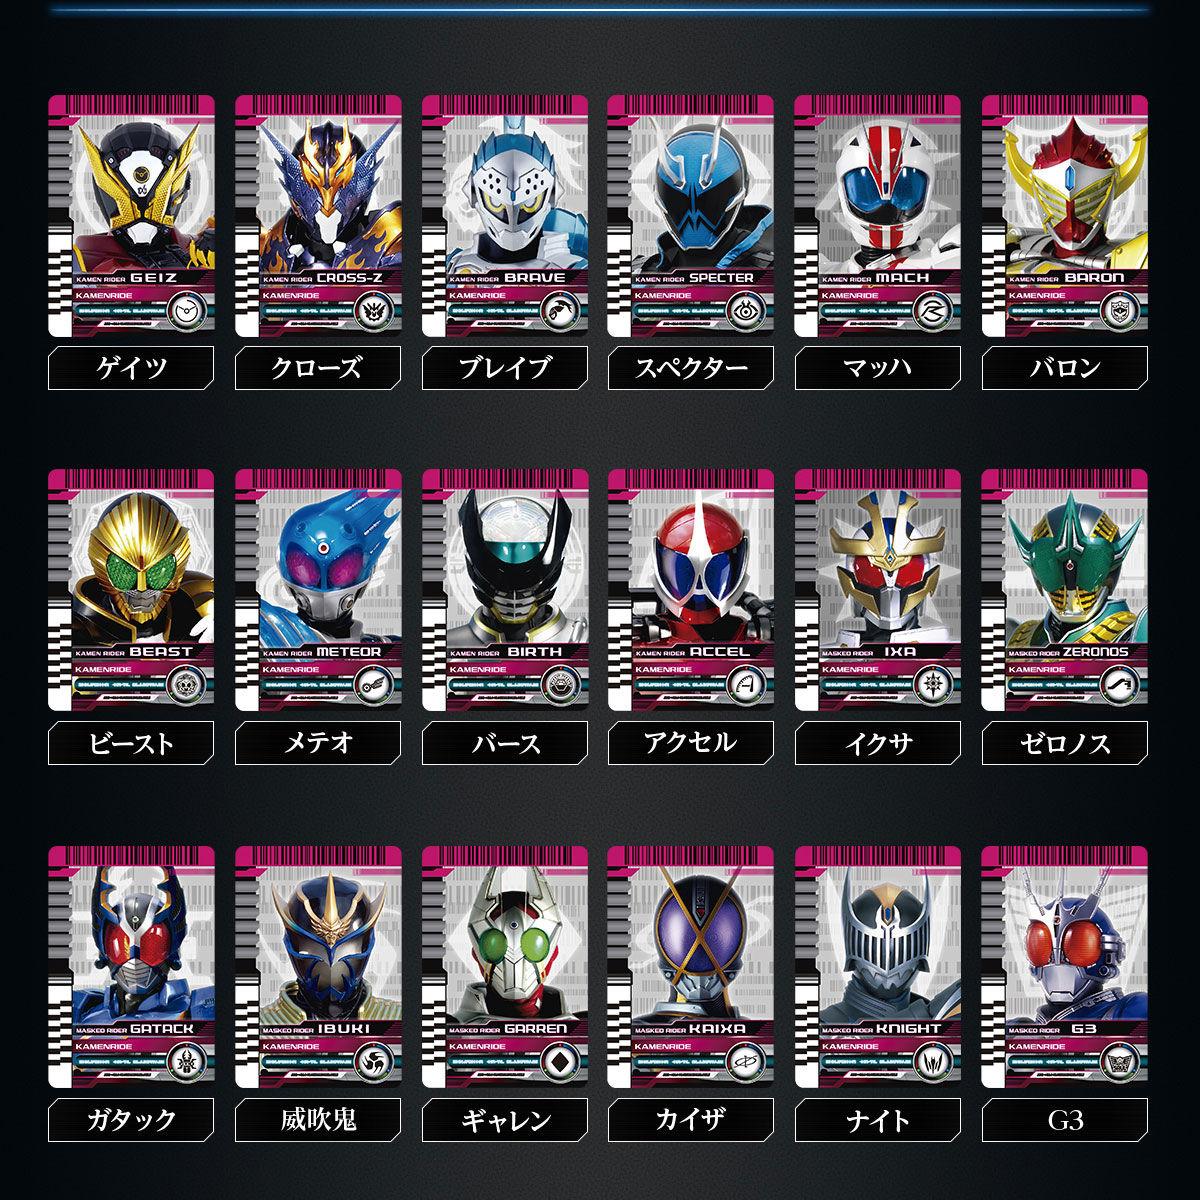 仮面ライダーディケイド『DXネオディエンドライバー』仮面ライダージオウ 変身なりきり-004